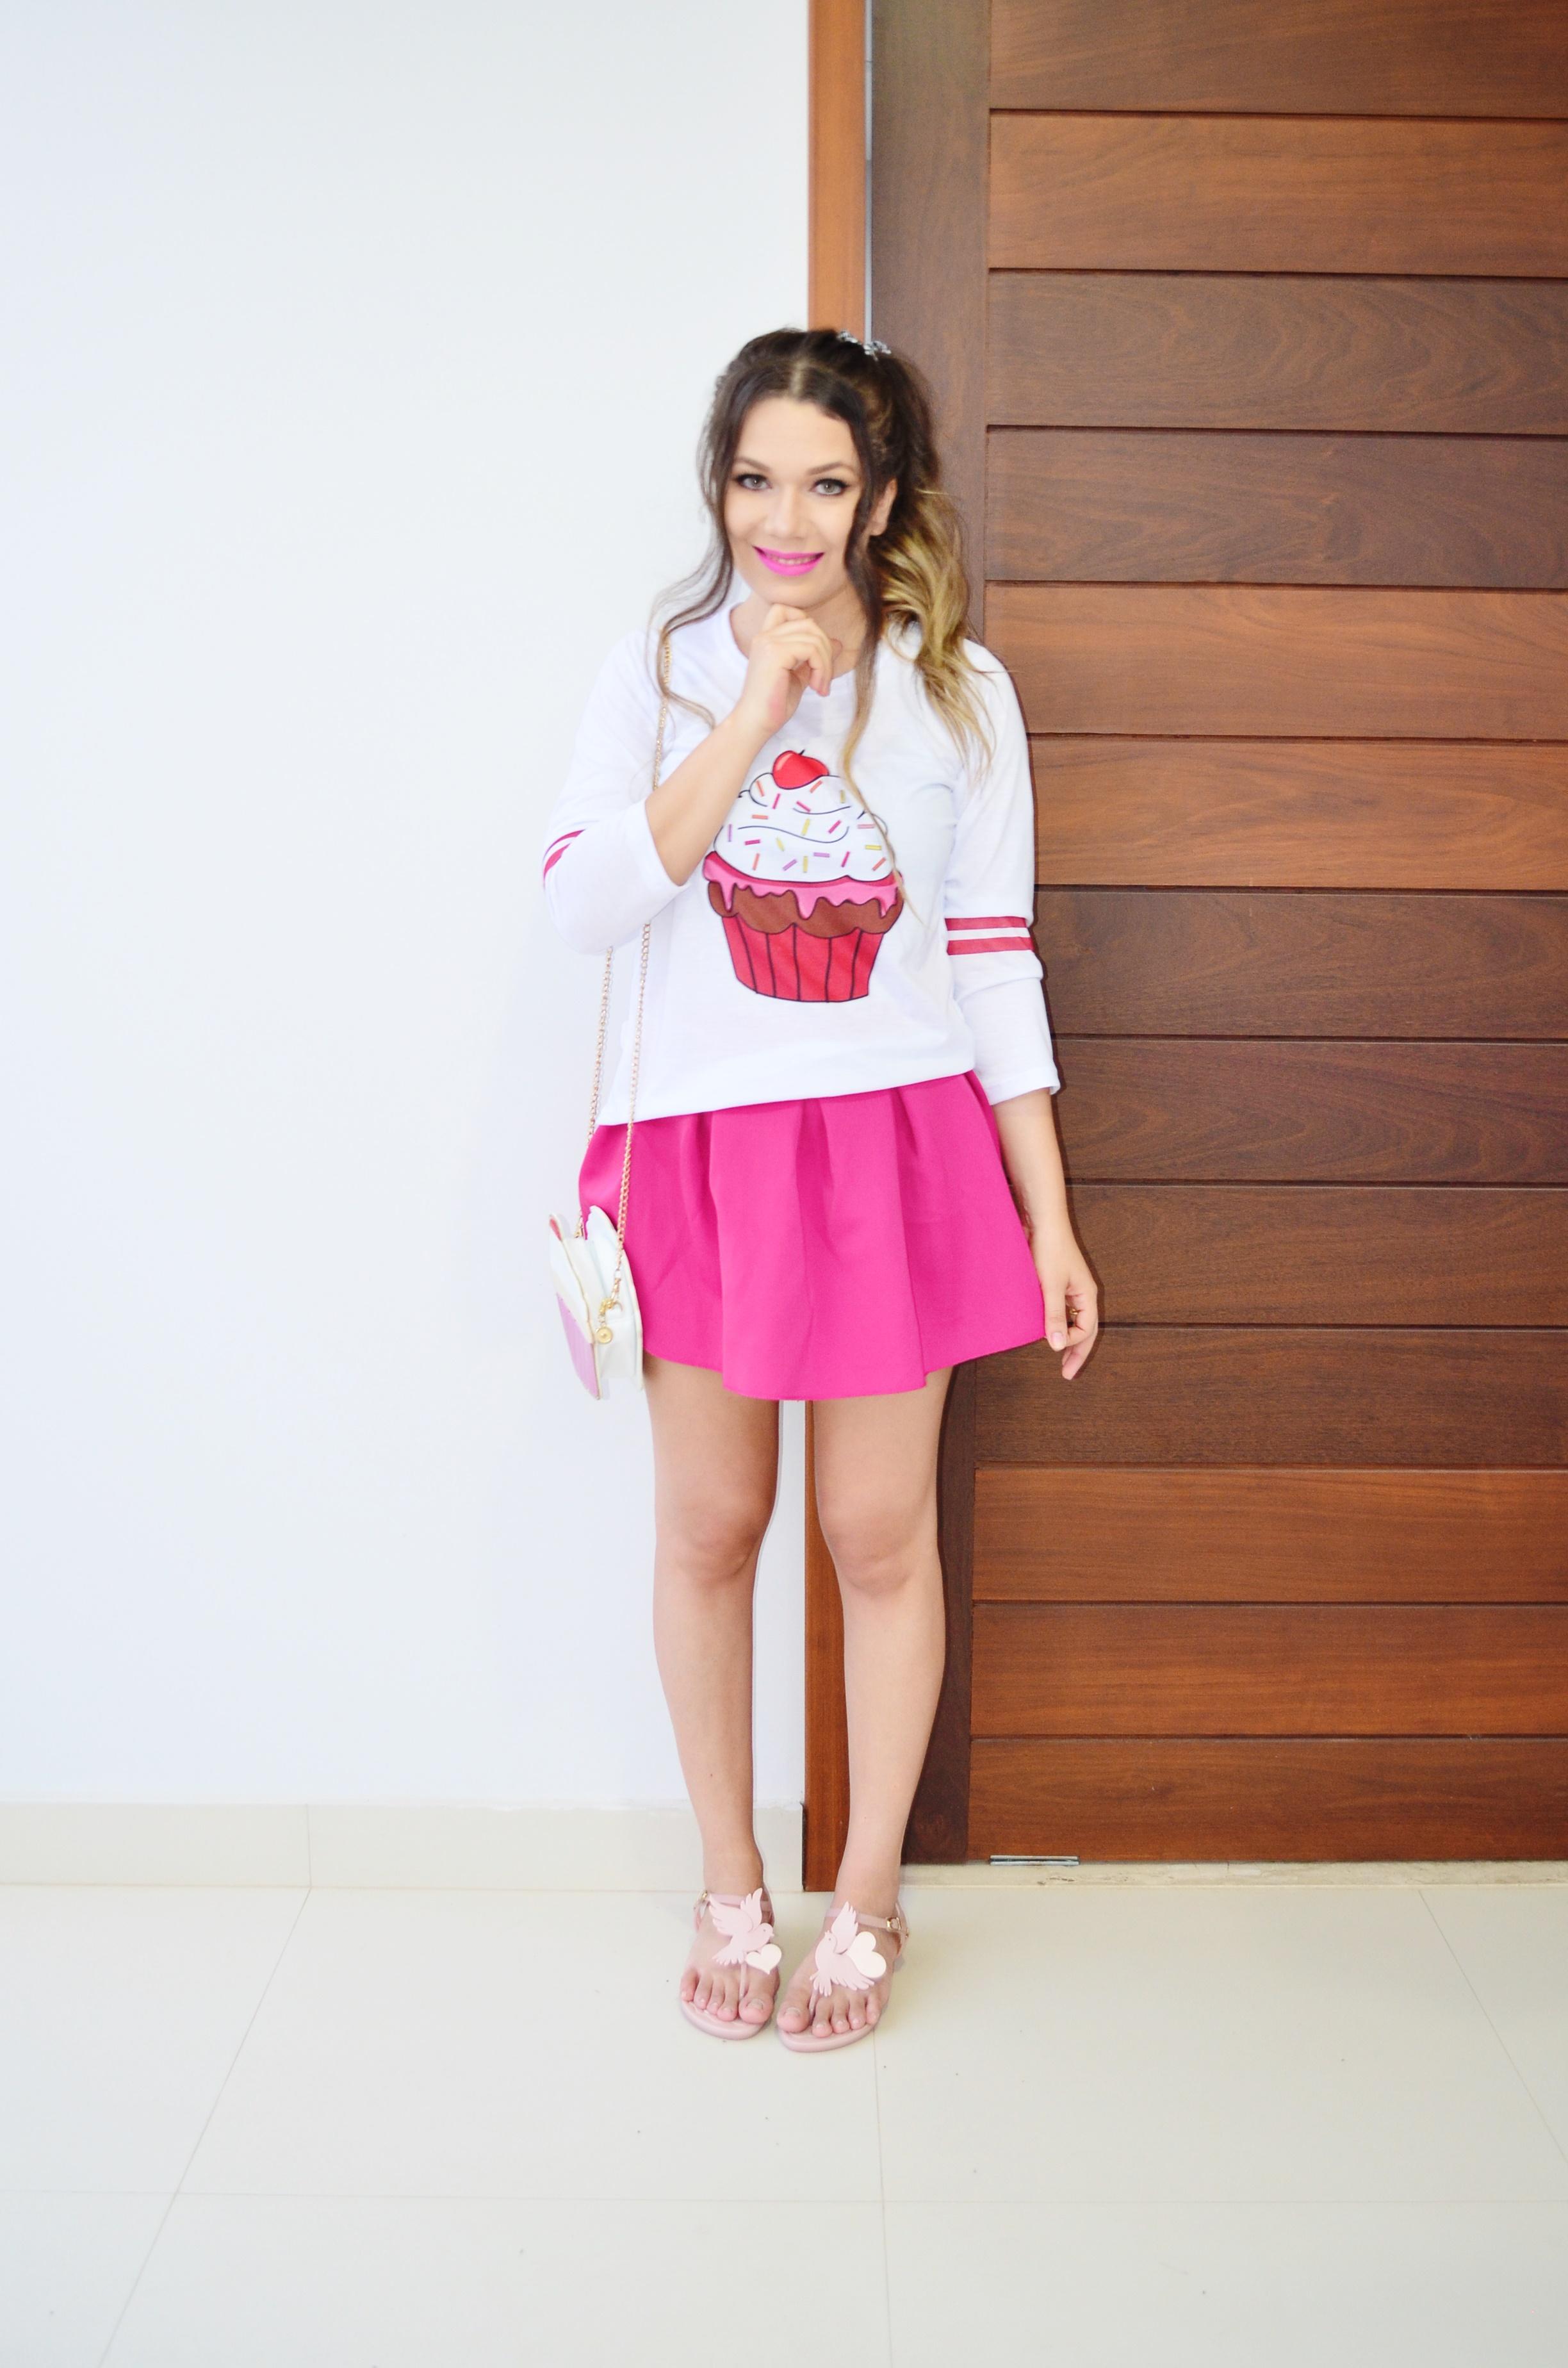 look-melissa-vivienne-westwood-anglomania-melissa-solar-ii-camisa-cupcake-e-saia-pink-6